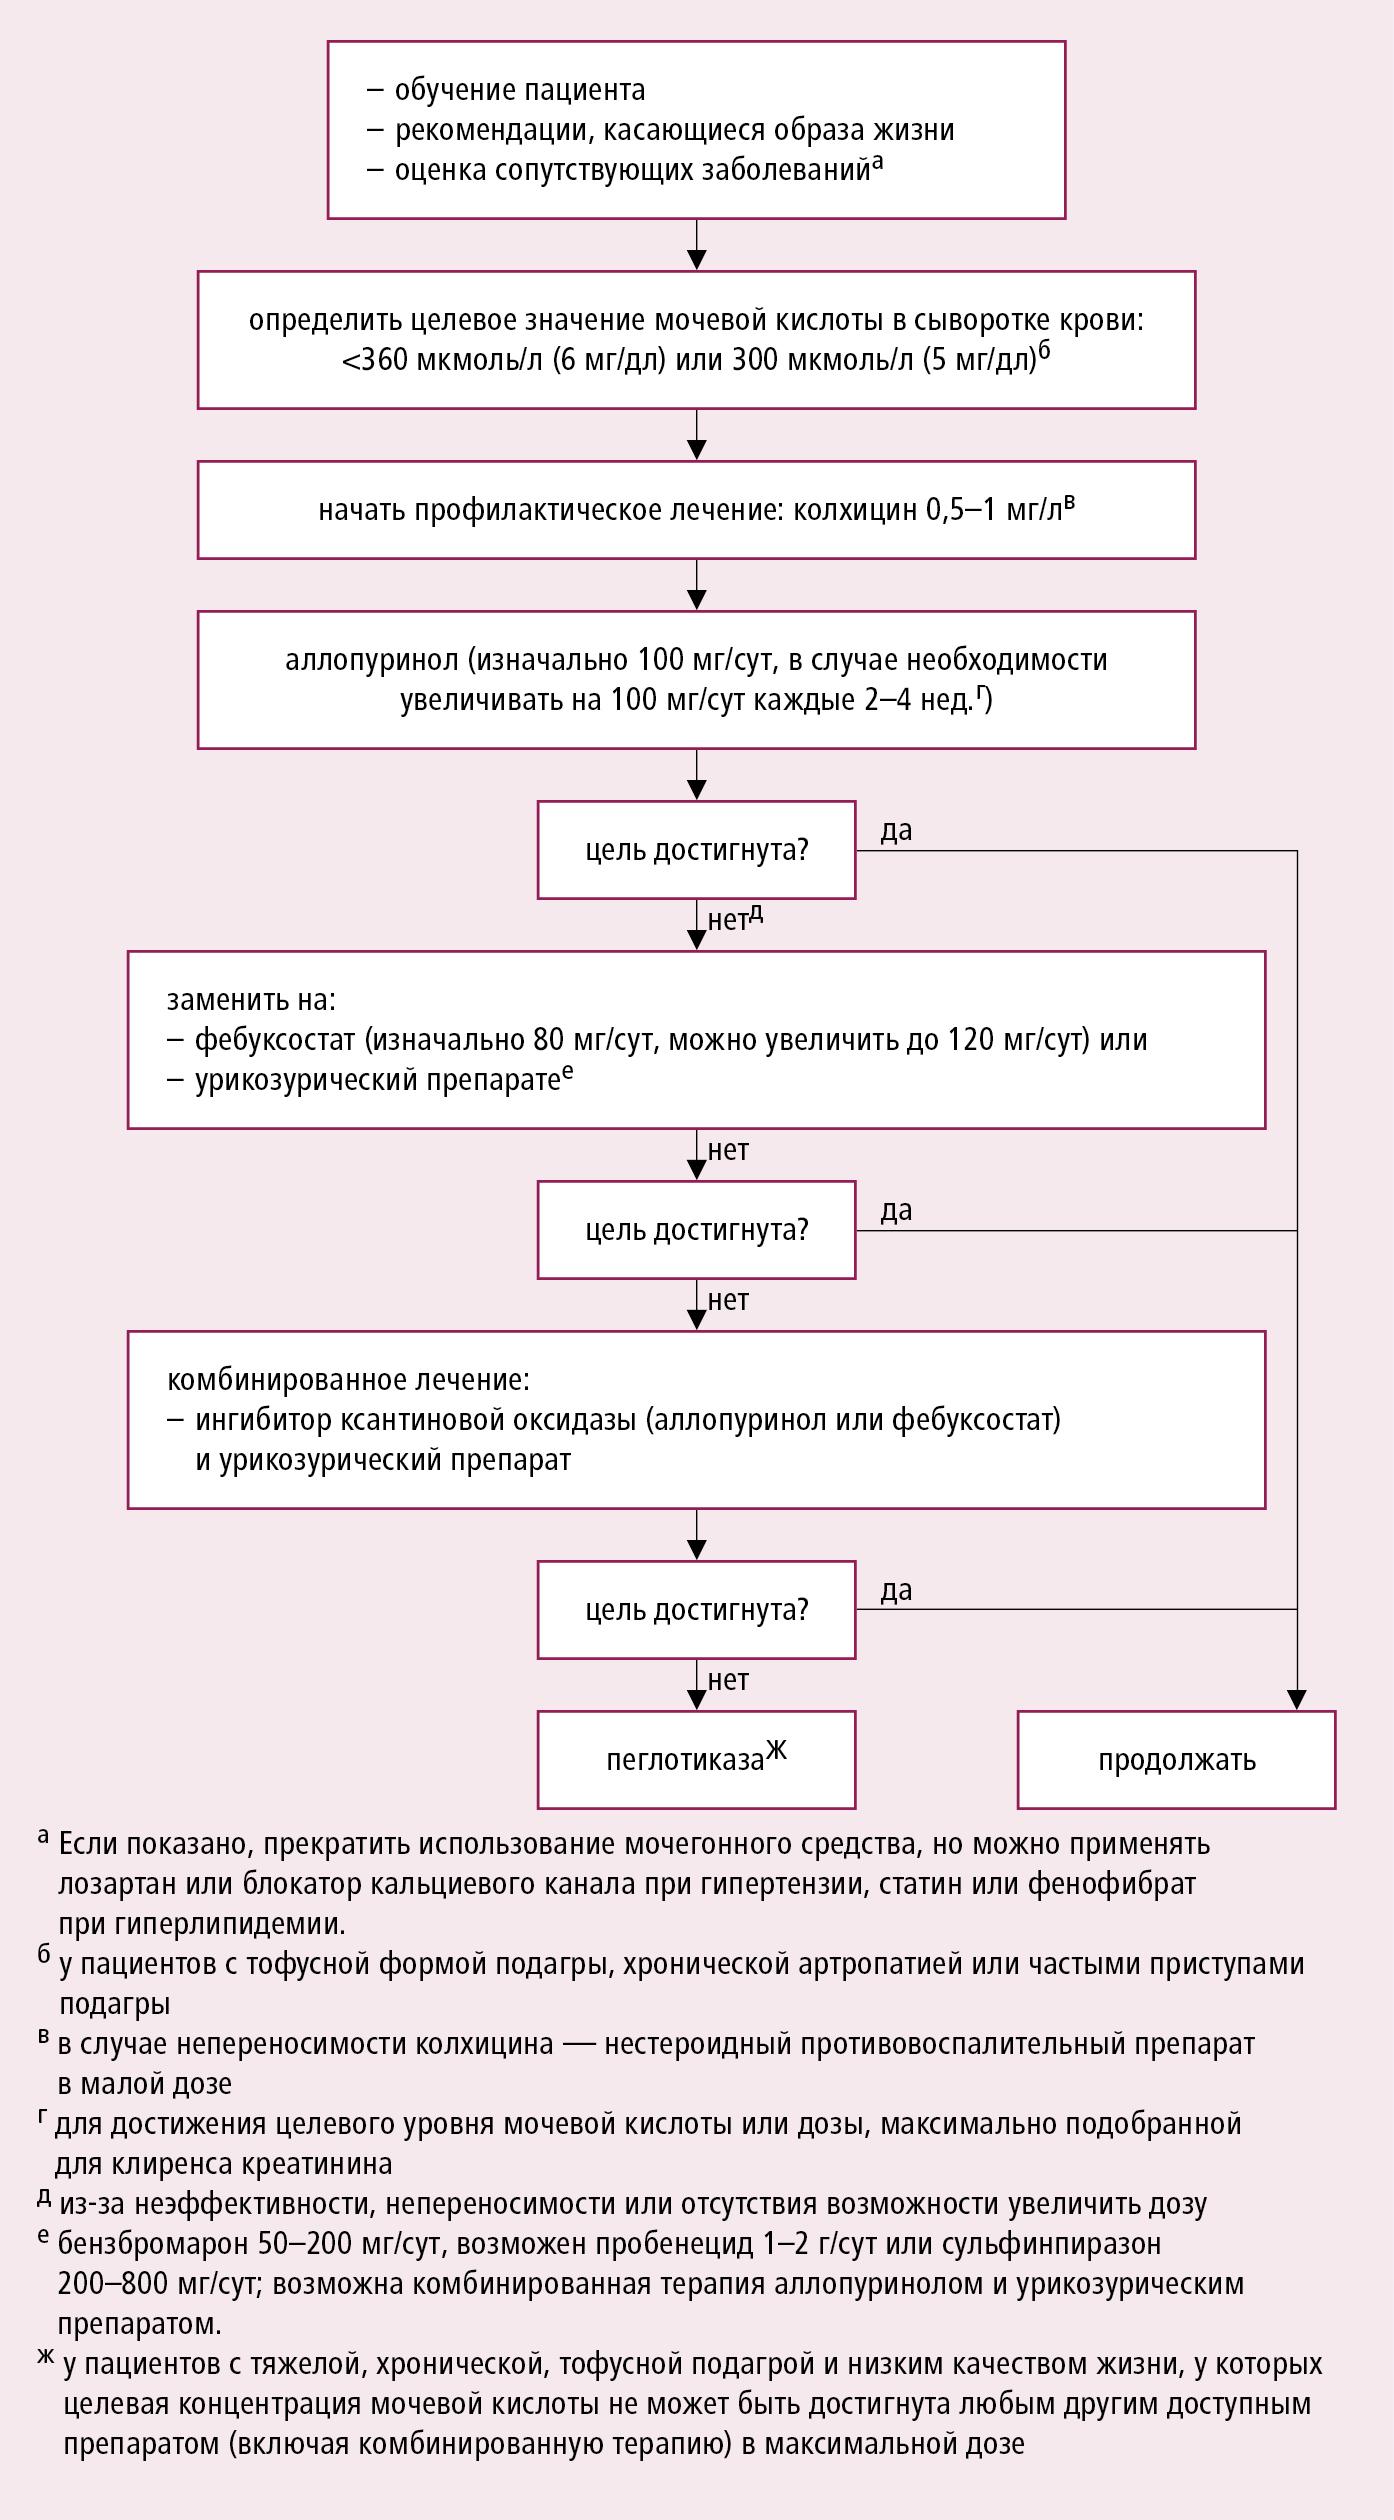 Лечение, которое уменьшает концентрацию мочевой кислоты в соответствии с рекомендациями EULAR 2016 и ACR (2020), модифицировано